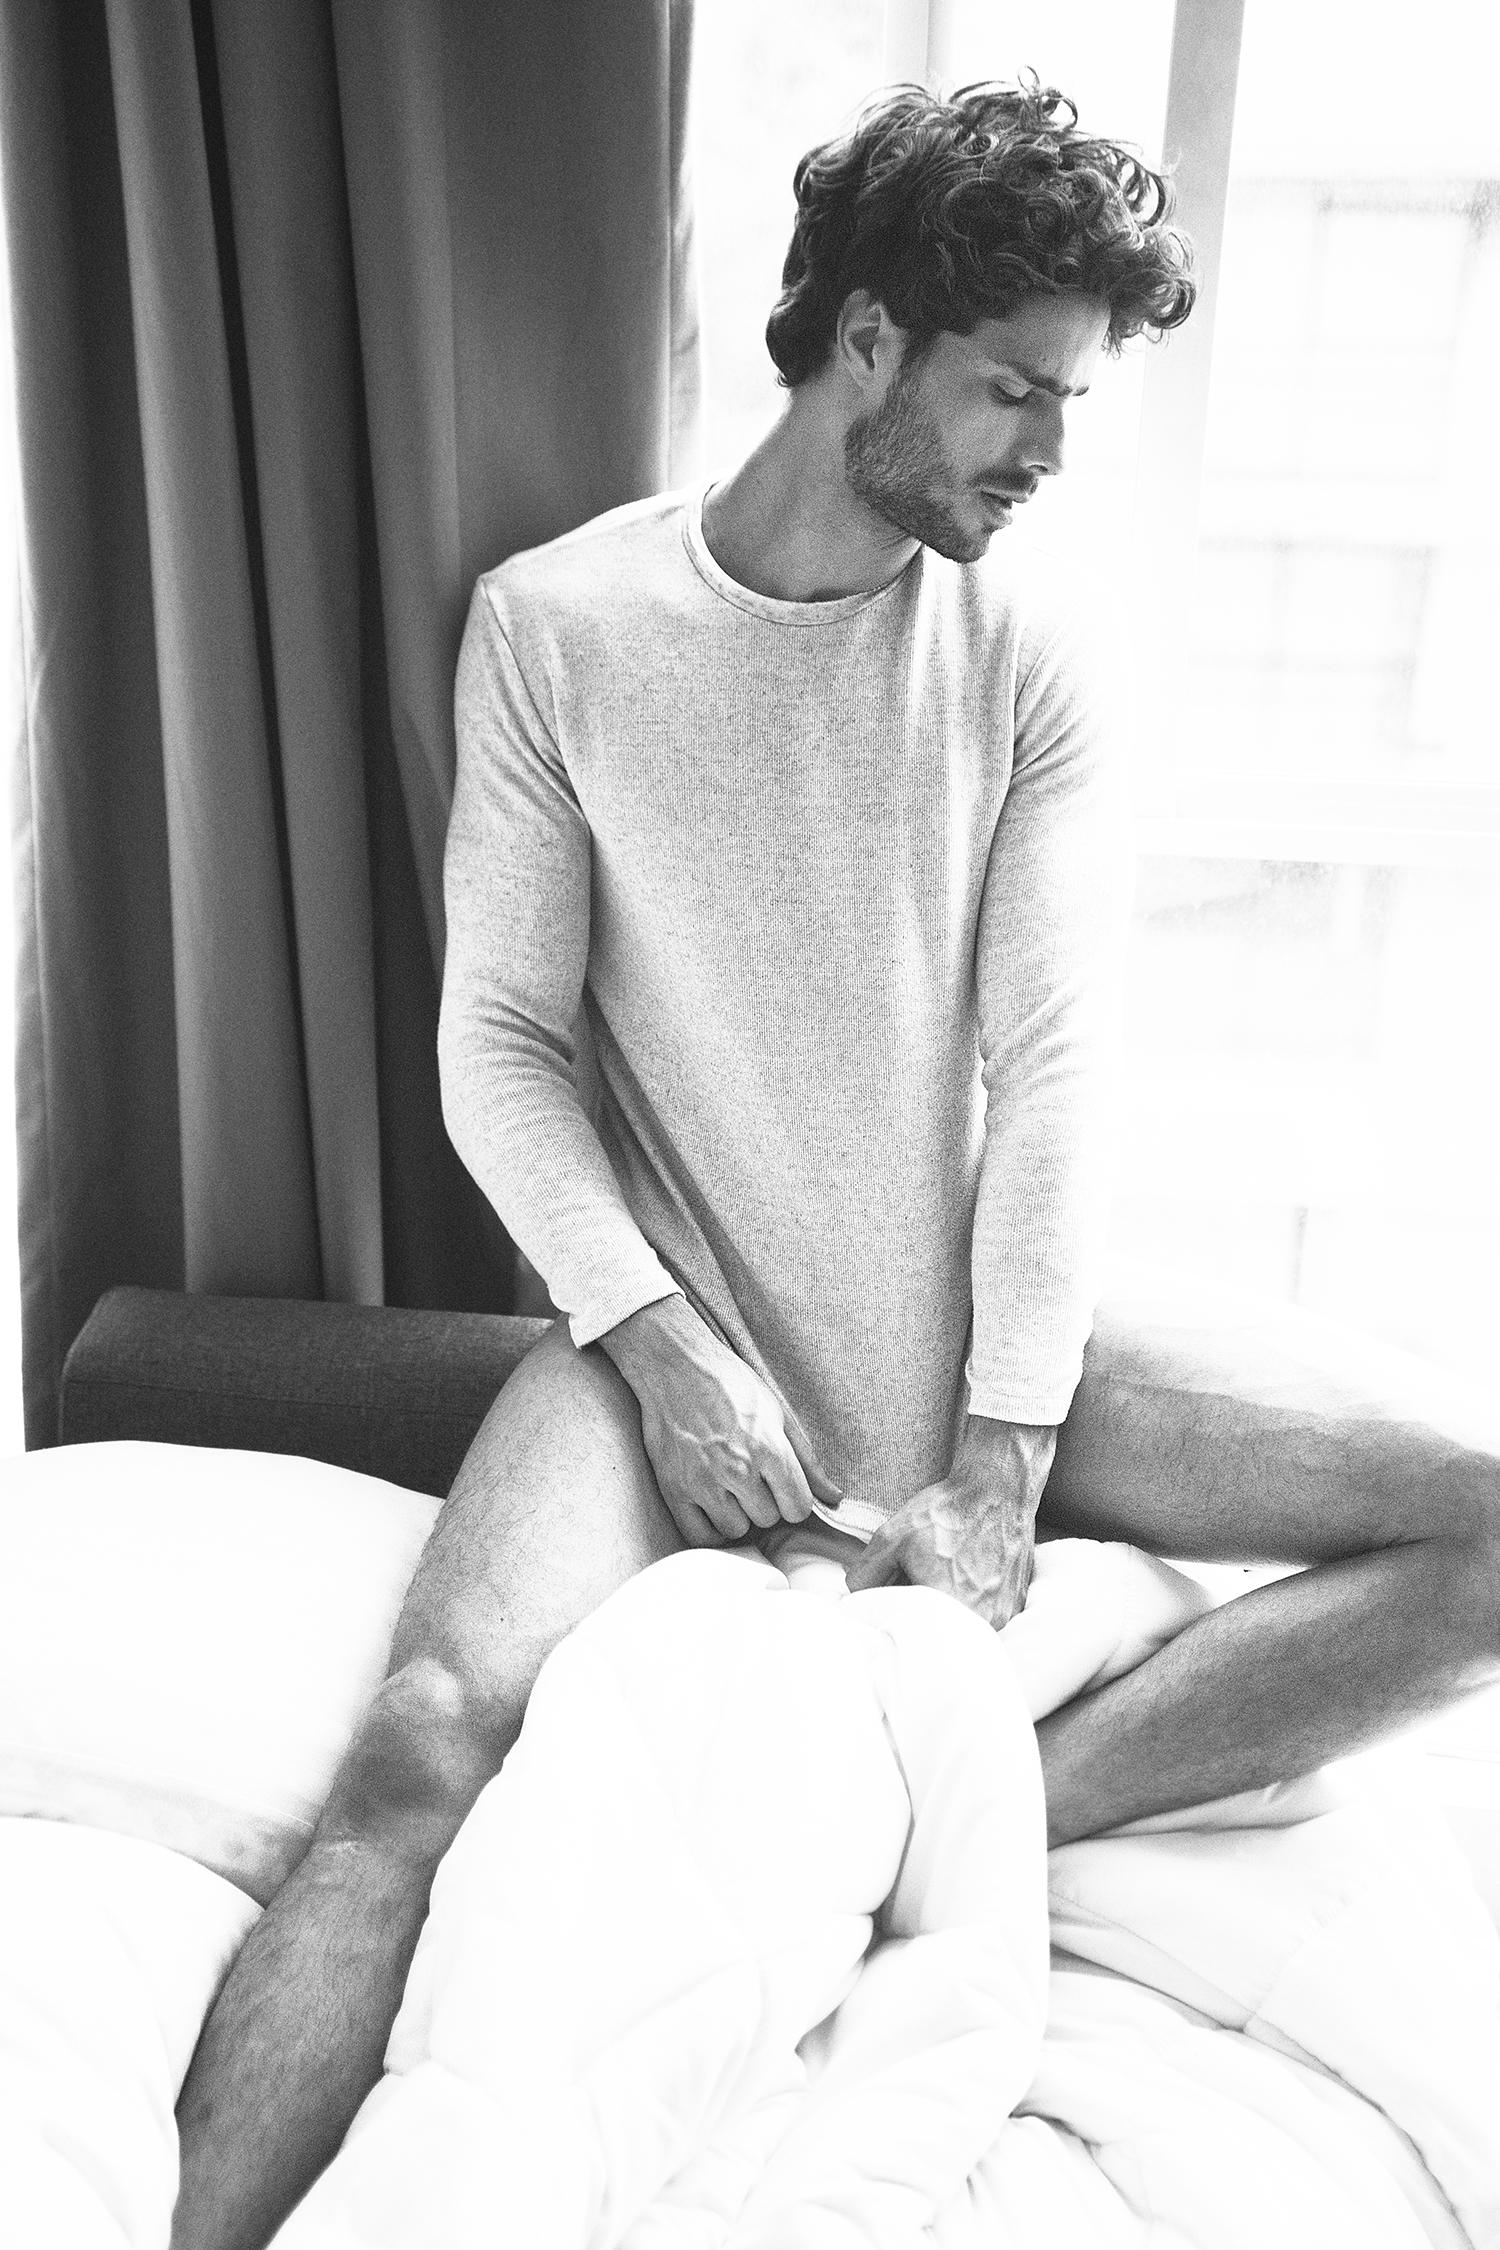 Adon Exclusive: Model Eduardo Grippa By Luis de La Luz